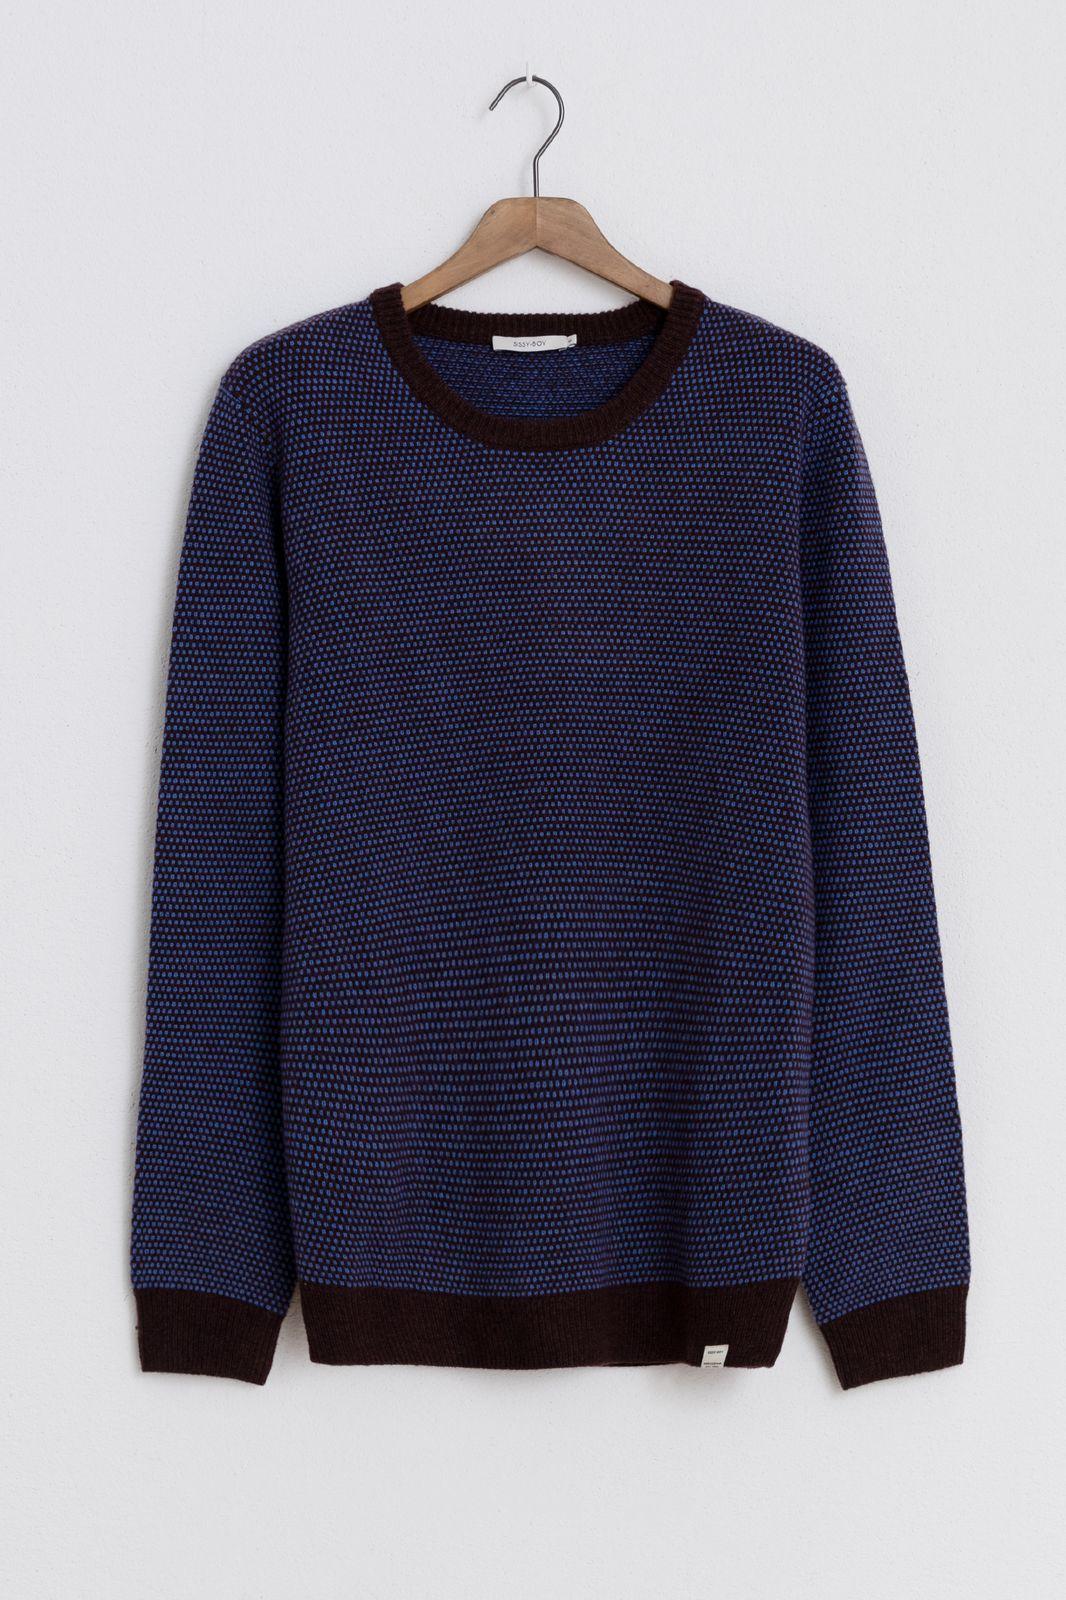 Bruin/paarse trui met motief